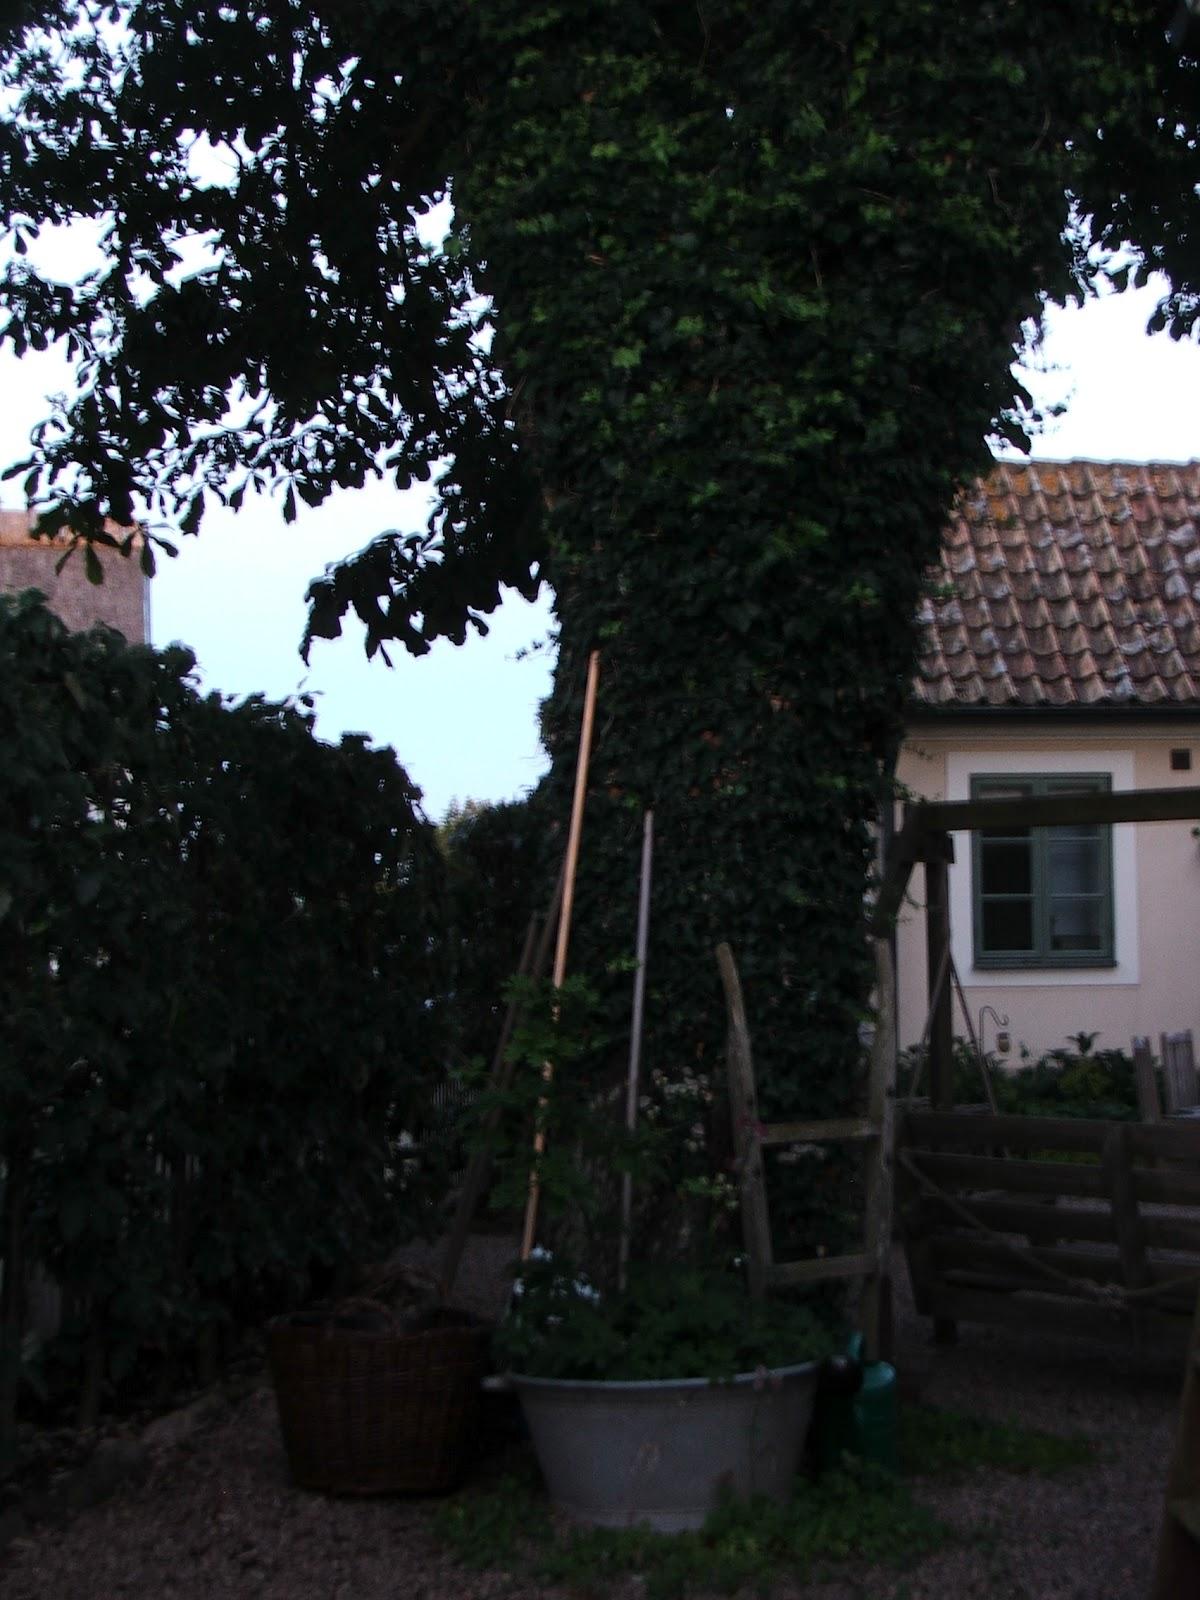 Rosor och akvileja, himla trädgård: ett träd av murgröna